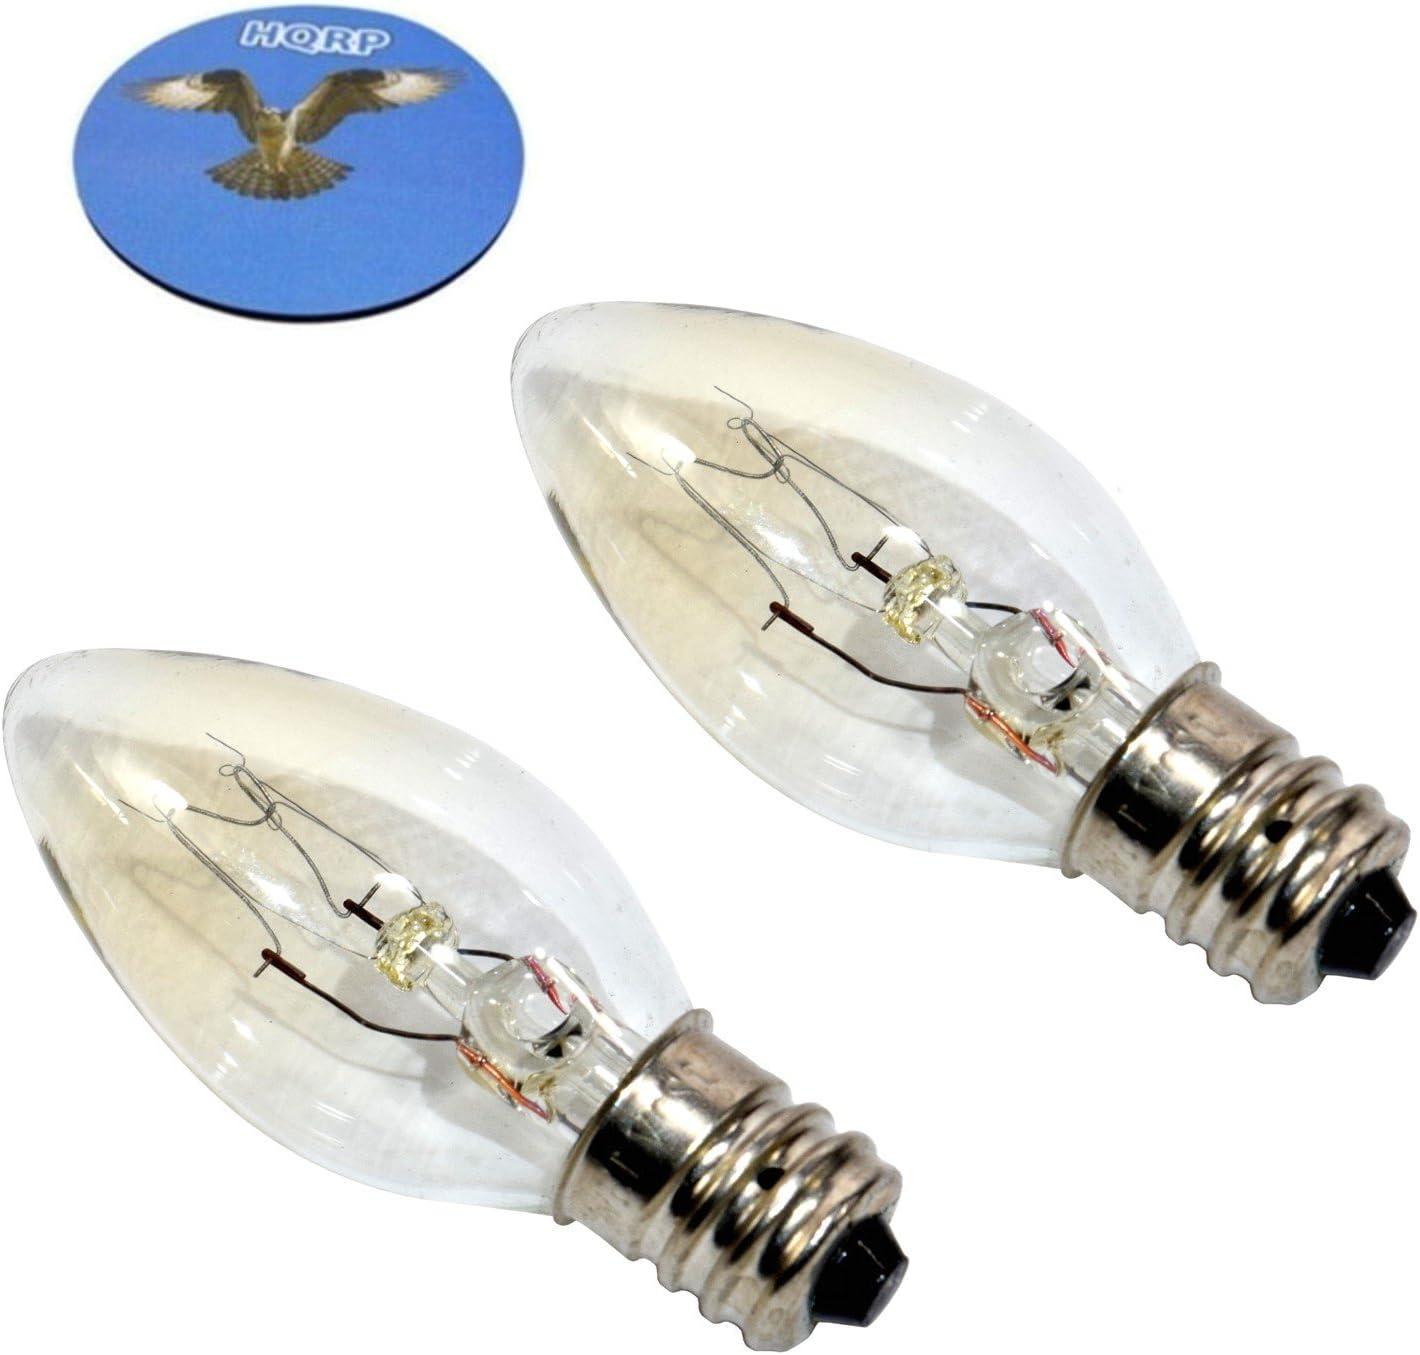 2 x 15w Ersatzglühbirne für Magic Salt Salzlampe 300° Hitzebeständig E14